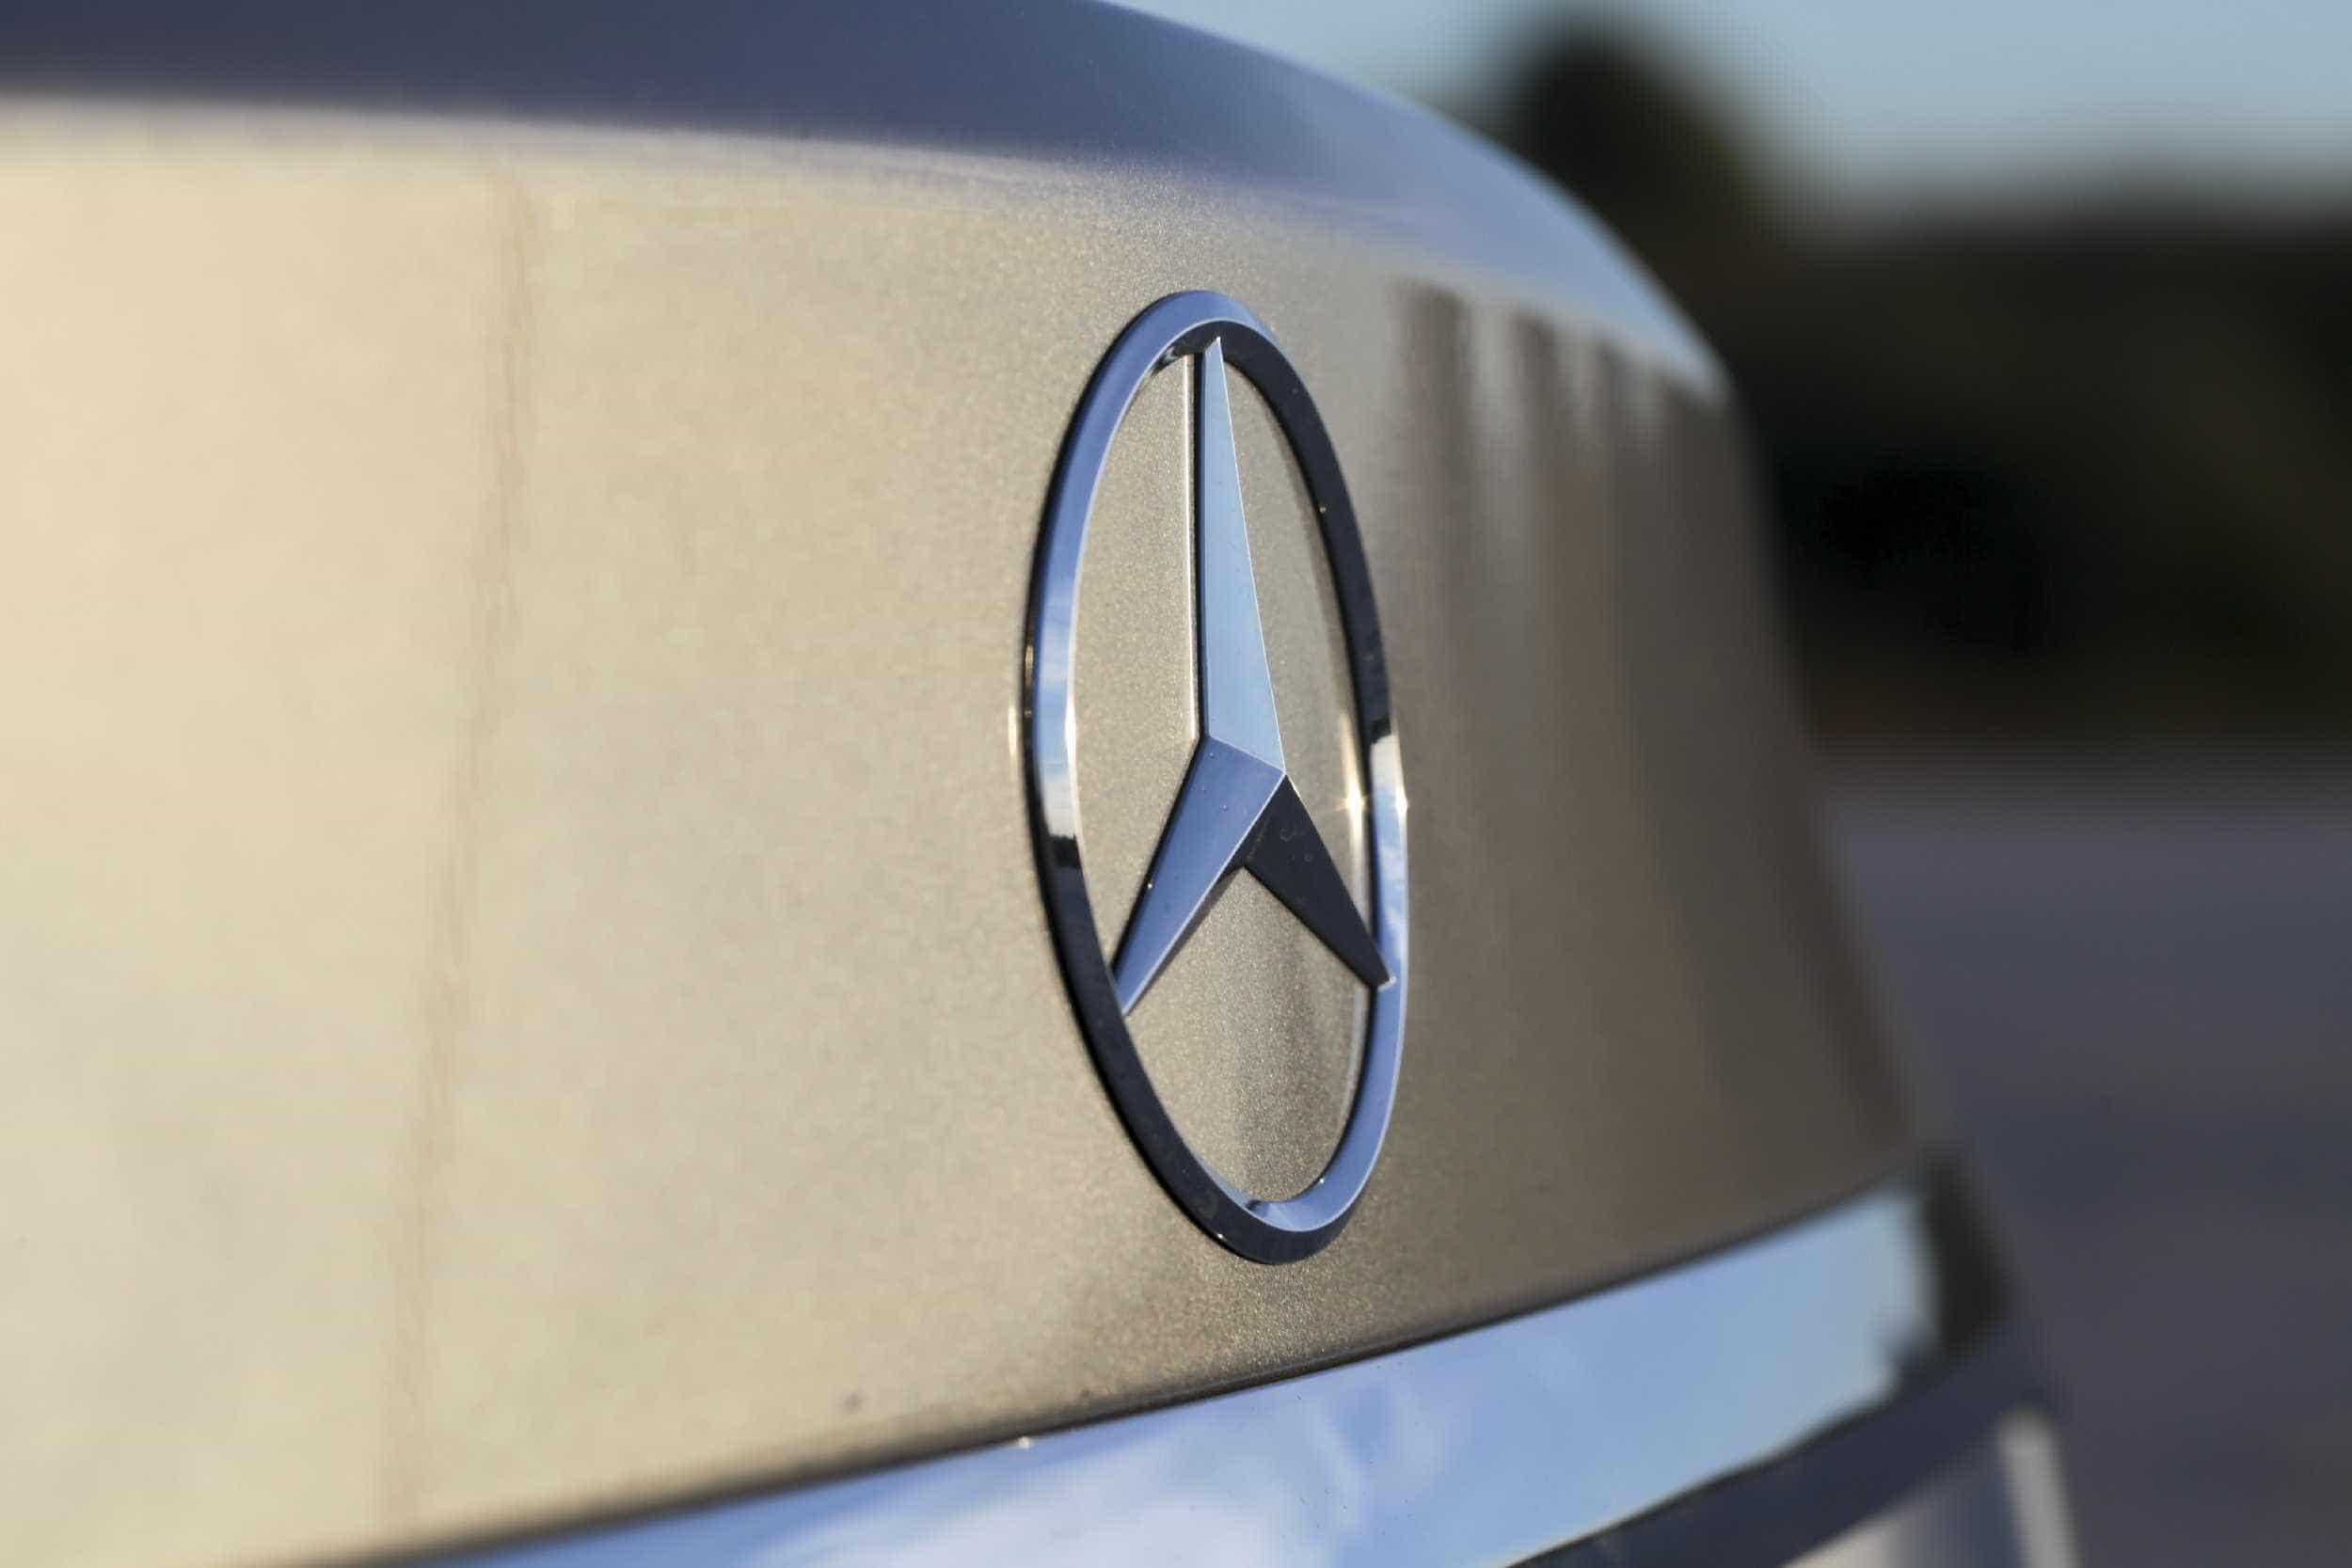 Mercedes chinesa chama para revisão quase 100 mil veículos com problemas